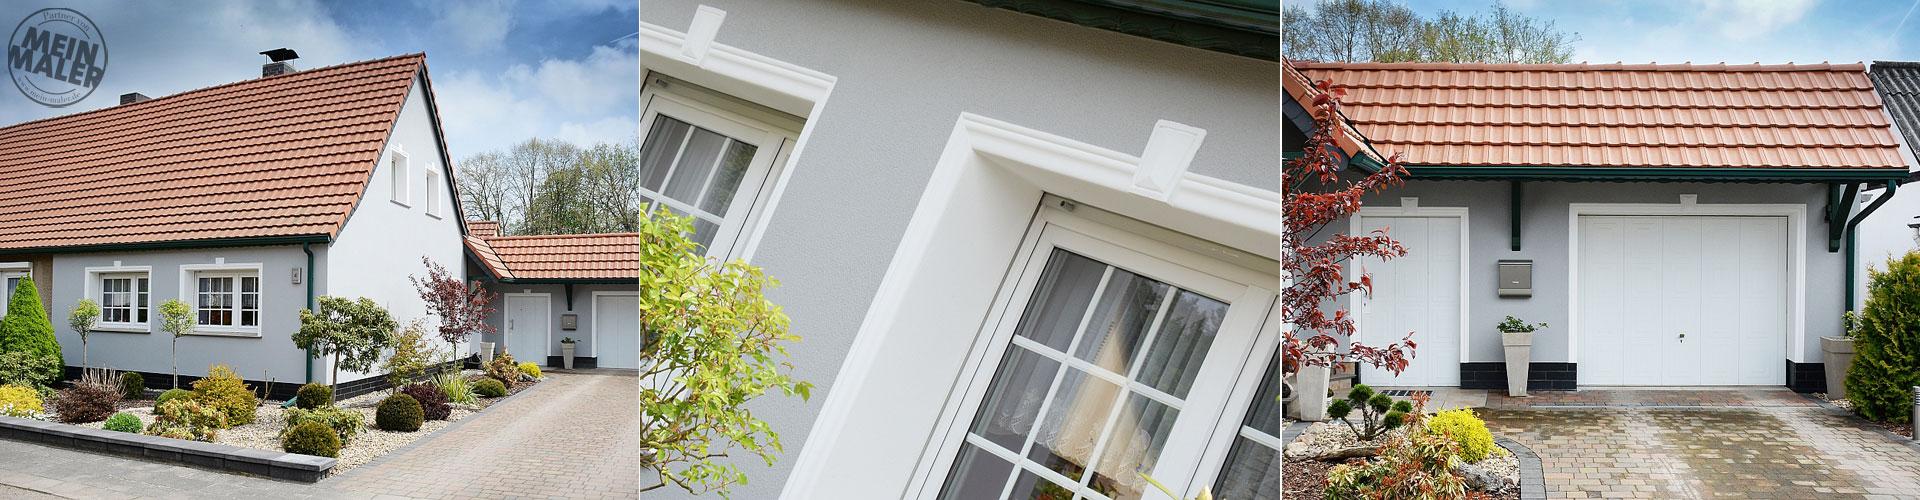 Fassaden-Sanierung / Fassadengestaltung